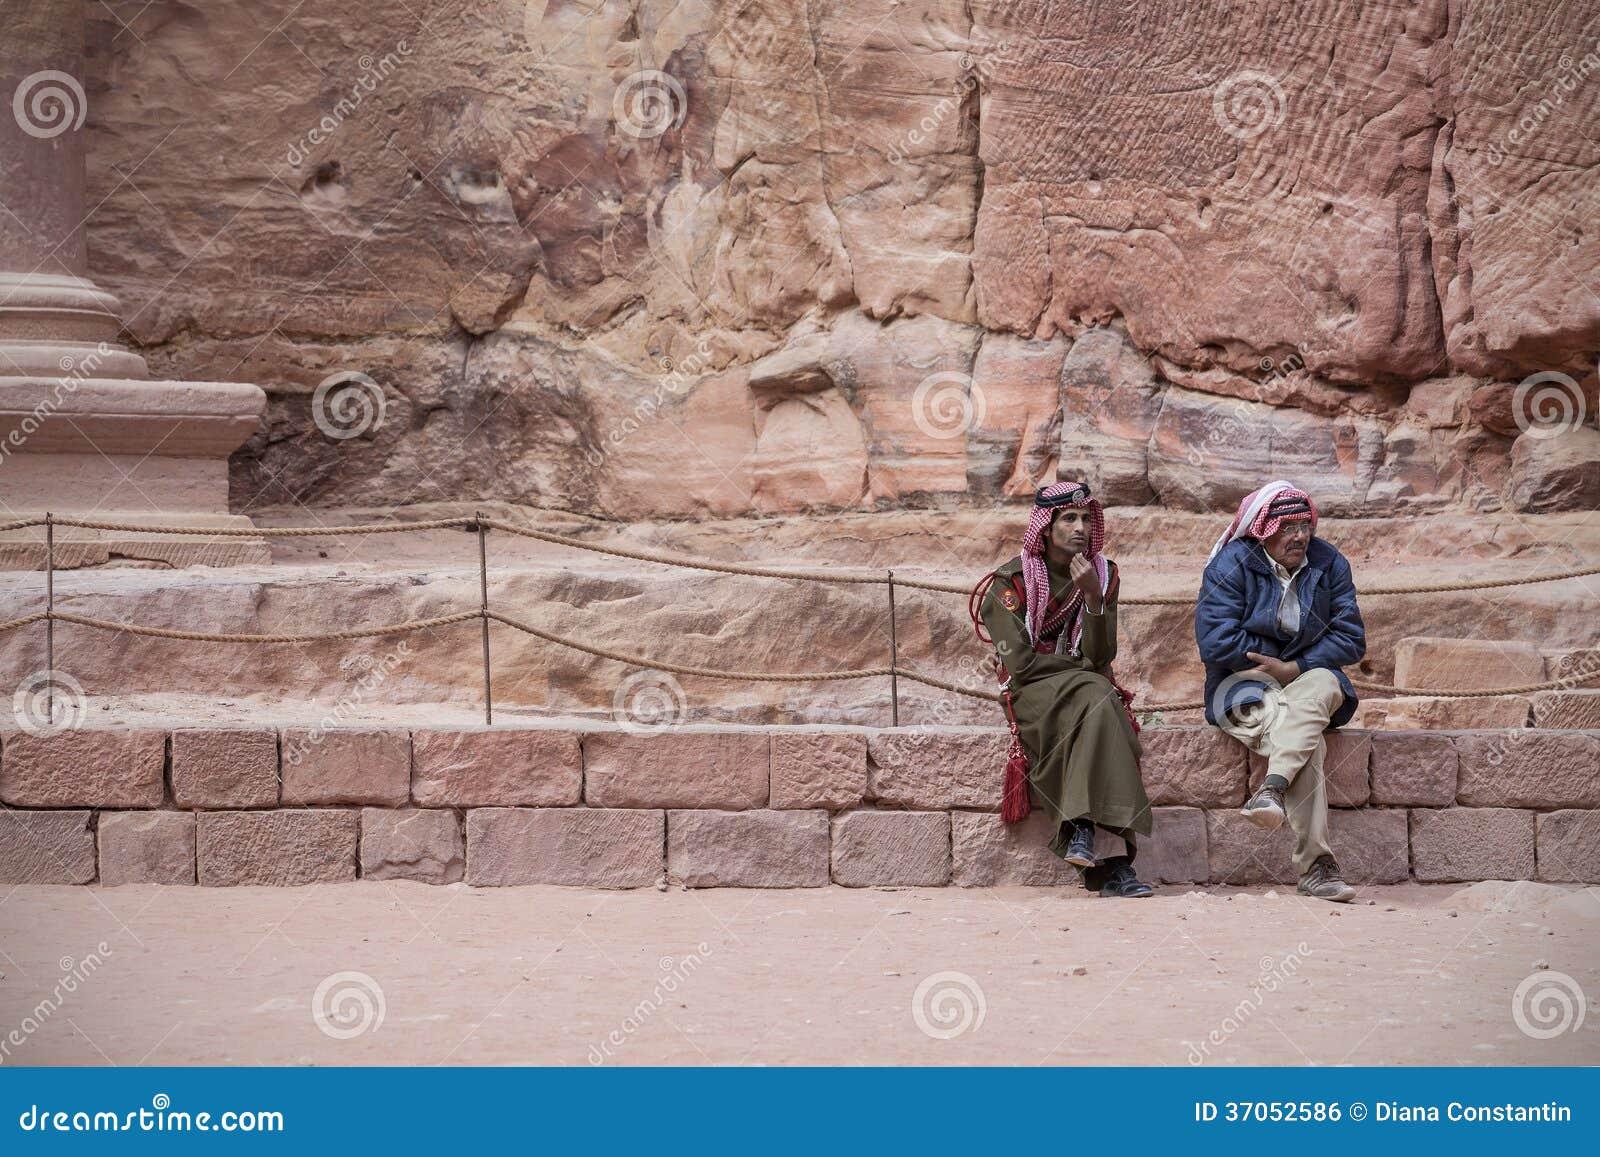 Beduinen traditionsgemäß gekleidet